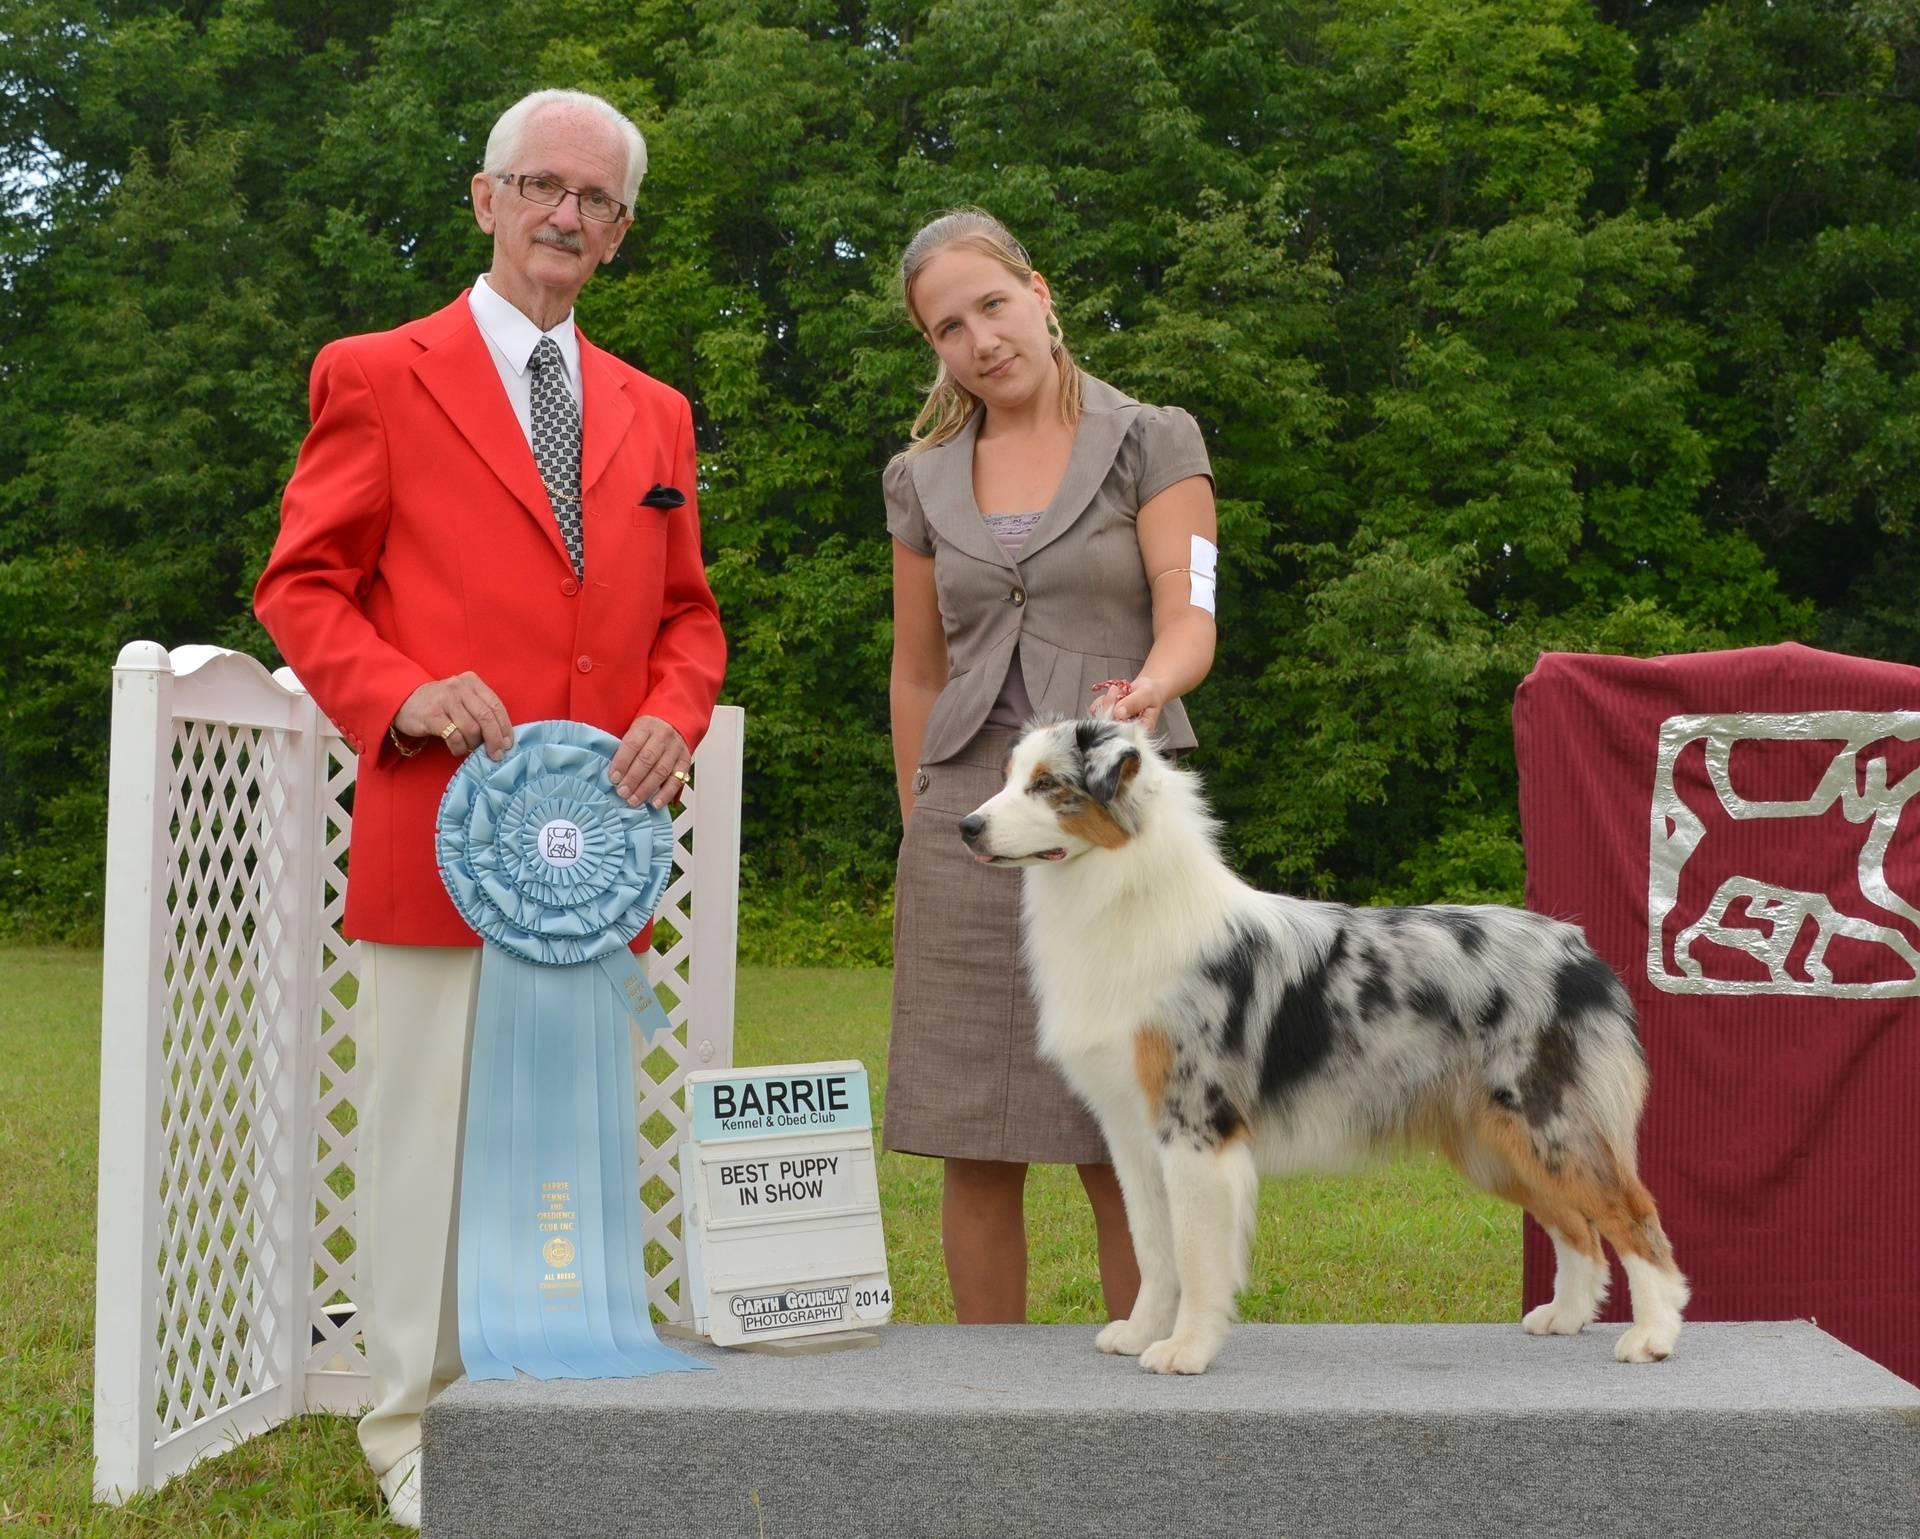 Monday, August 4 - Best Puppy in Show